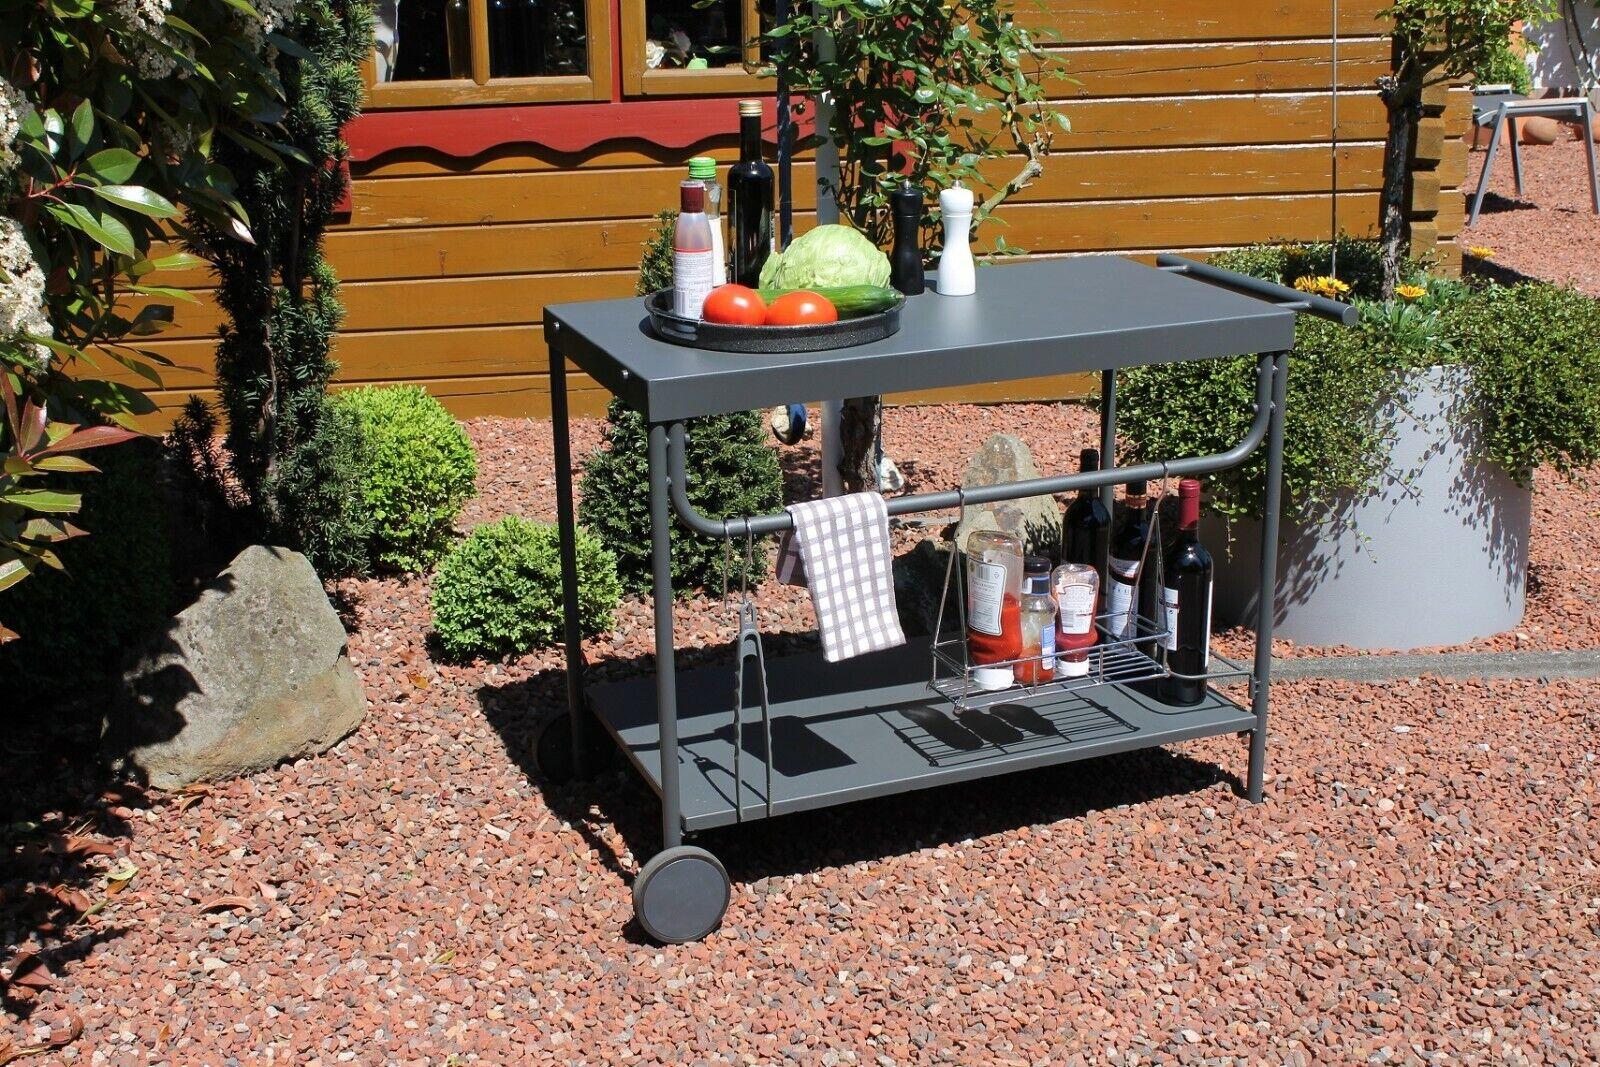 Keter Garten Grilltisch Unity L Multifunktional BBQ Beistelltisch Lagereinheit